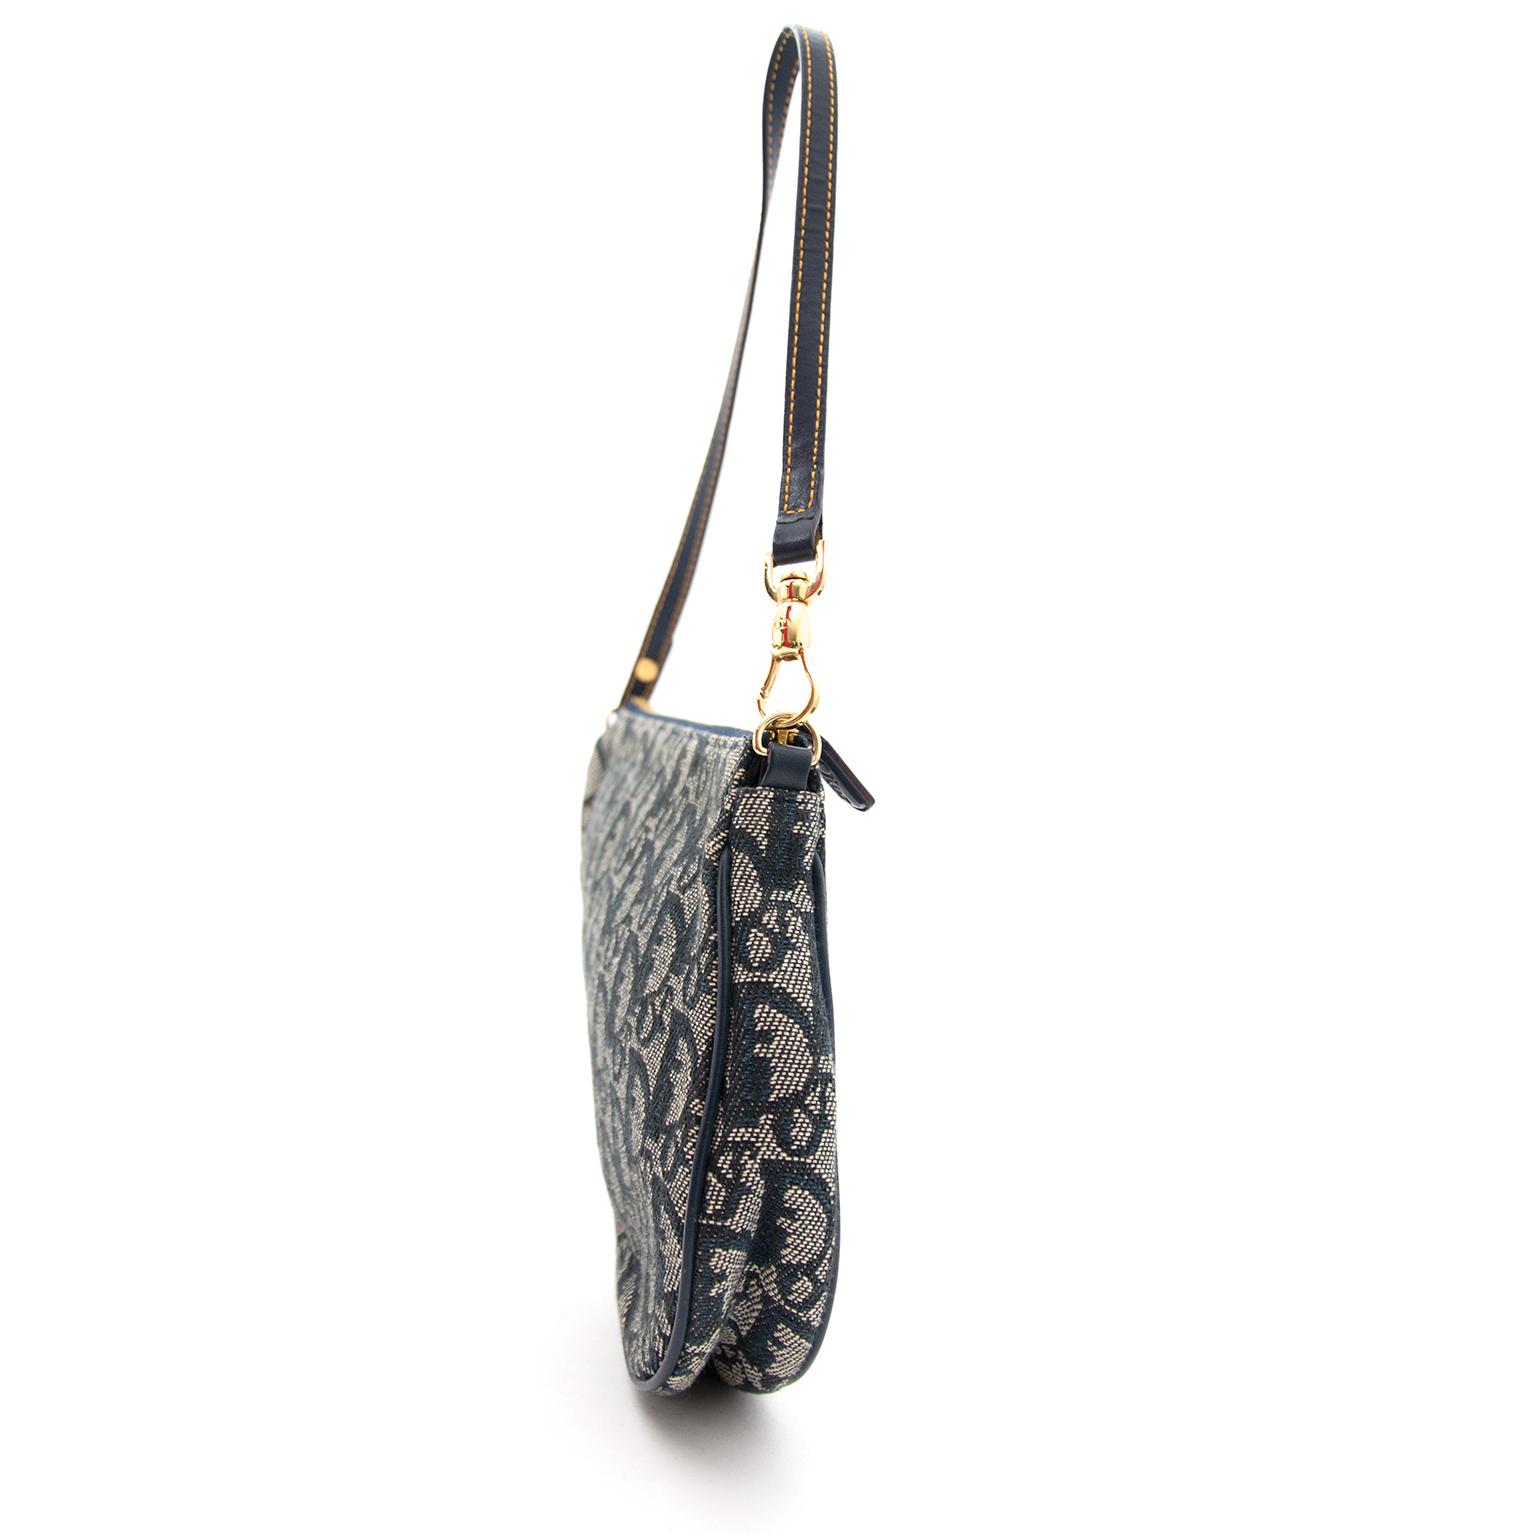 The bag of the moment: Dior Monogram Small Saddle Bag